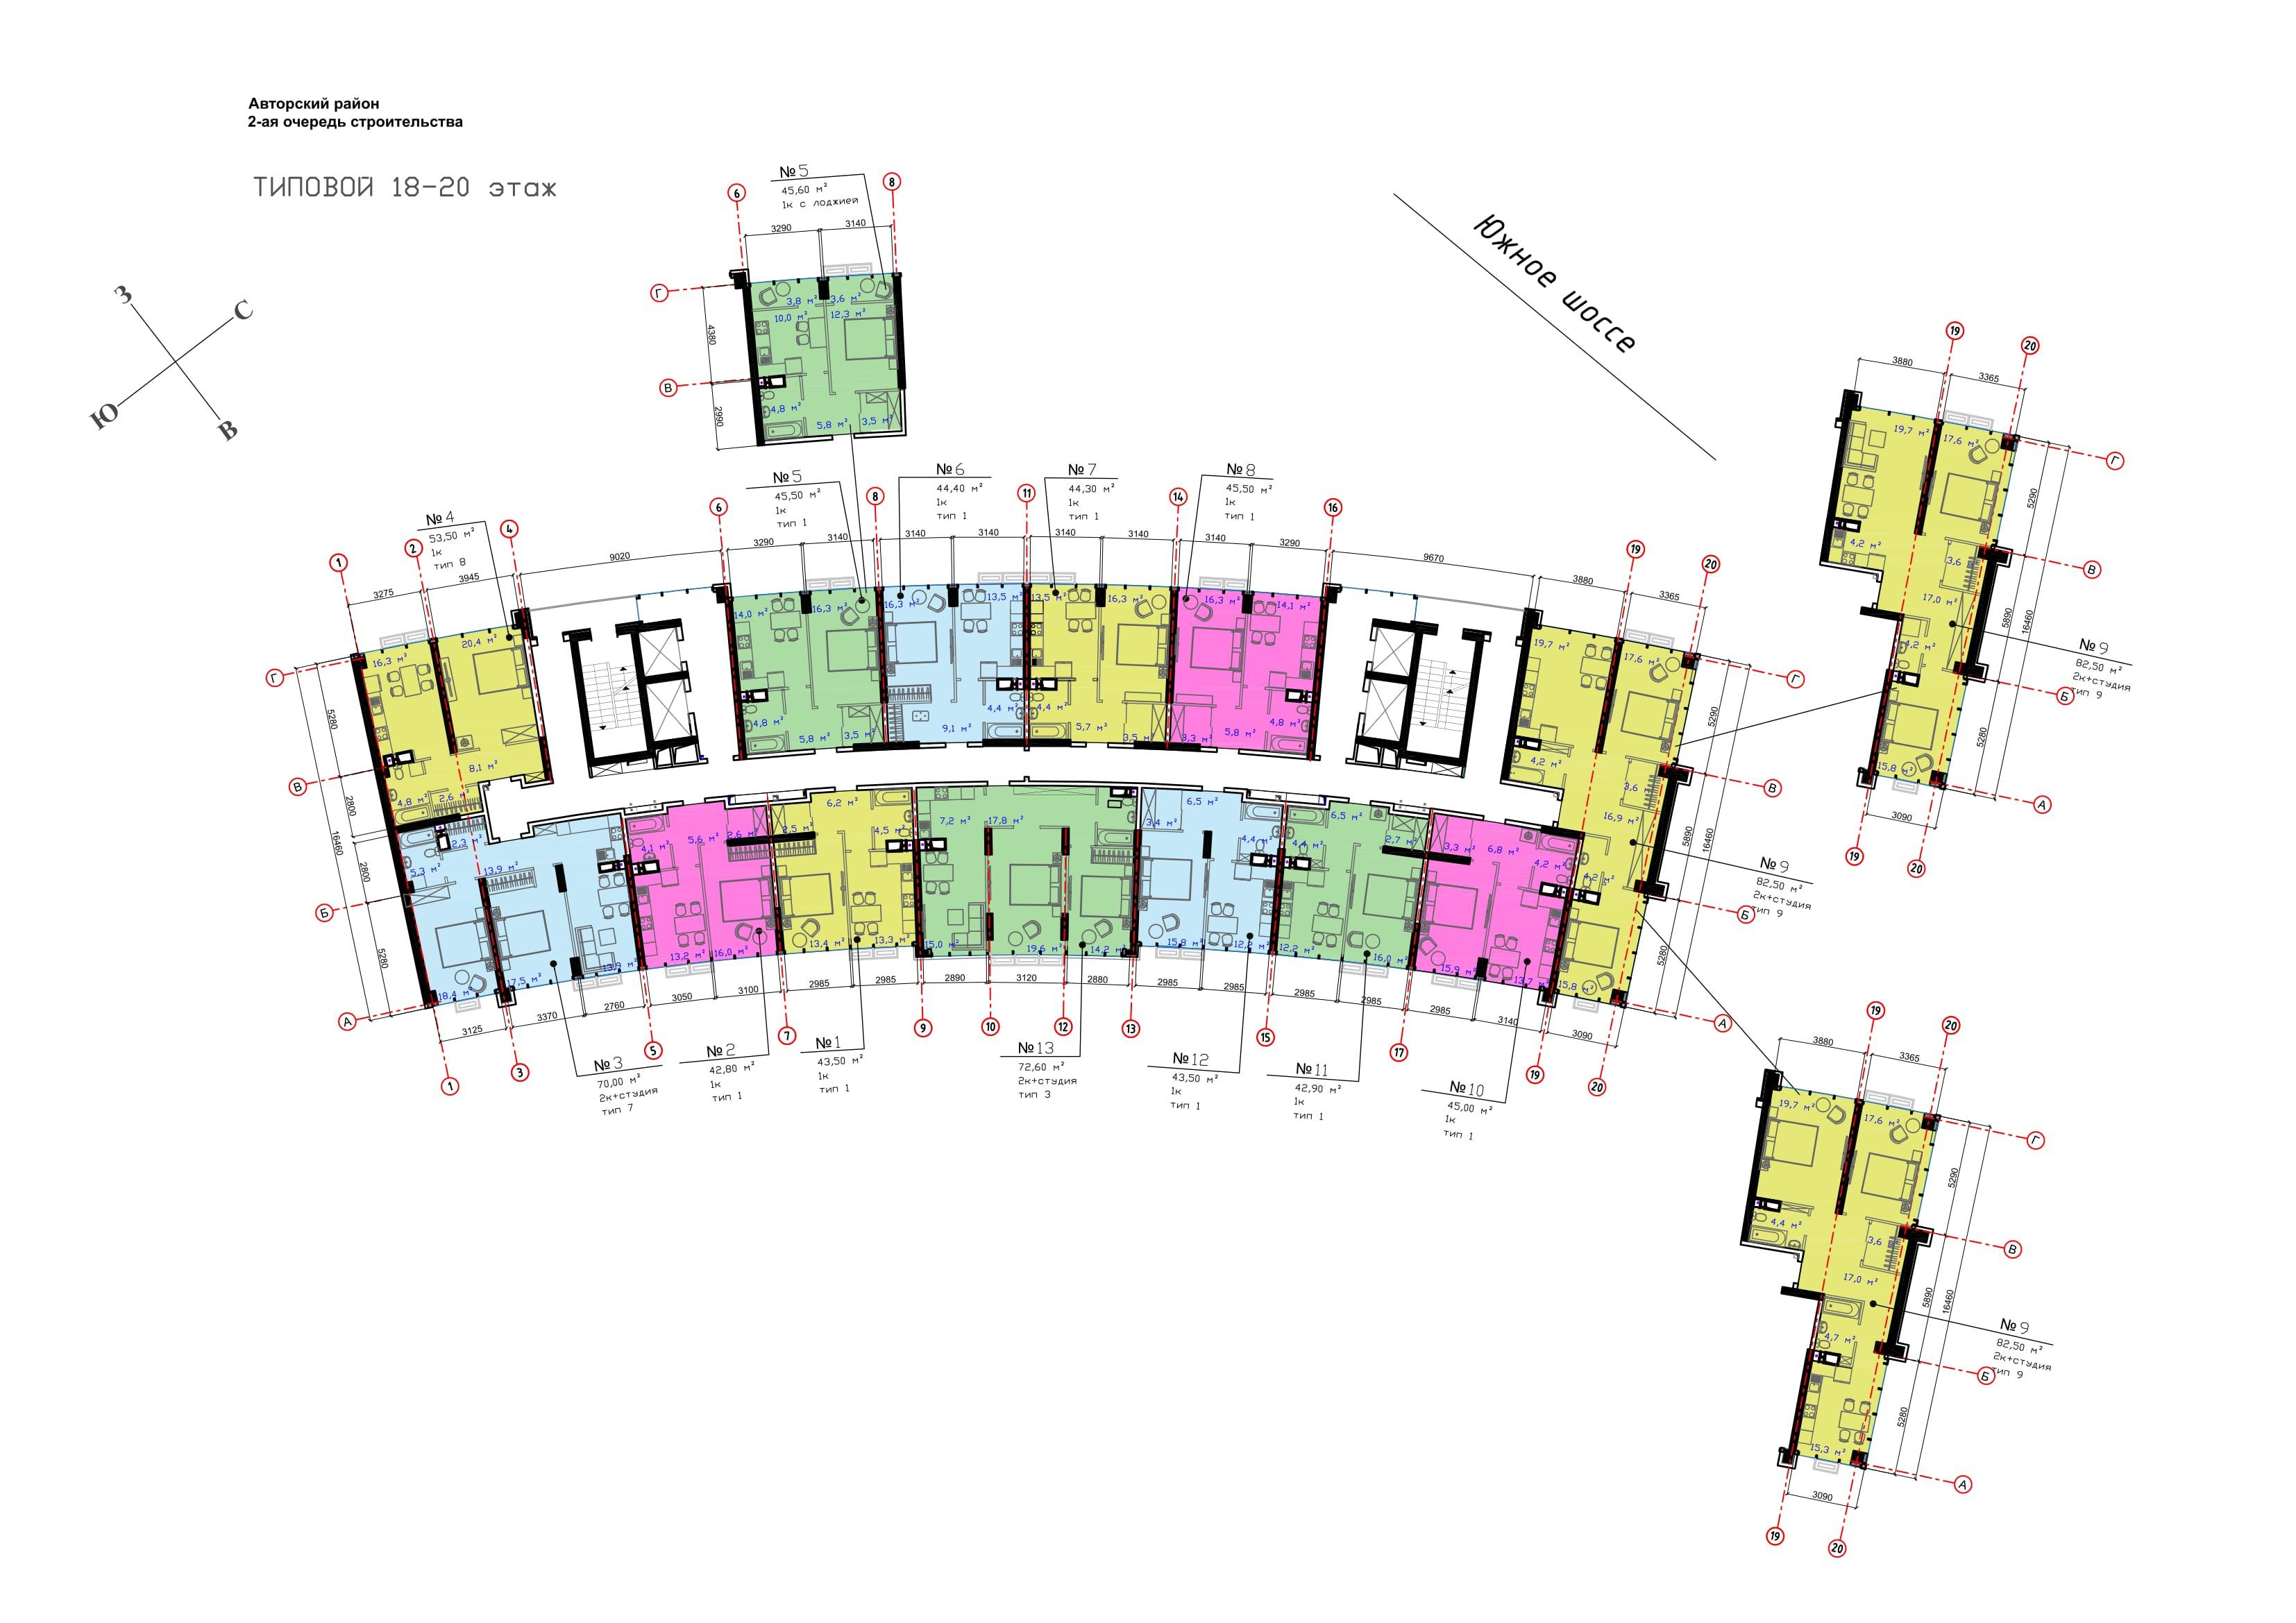 ЖК Авторский район Планировка 18-20 этажа